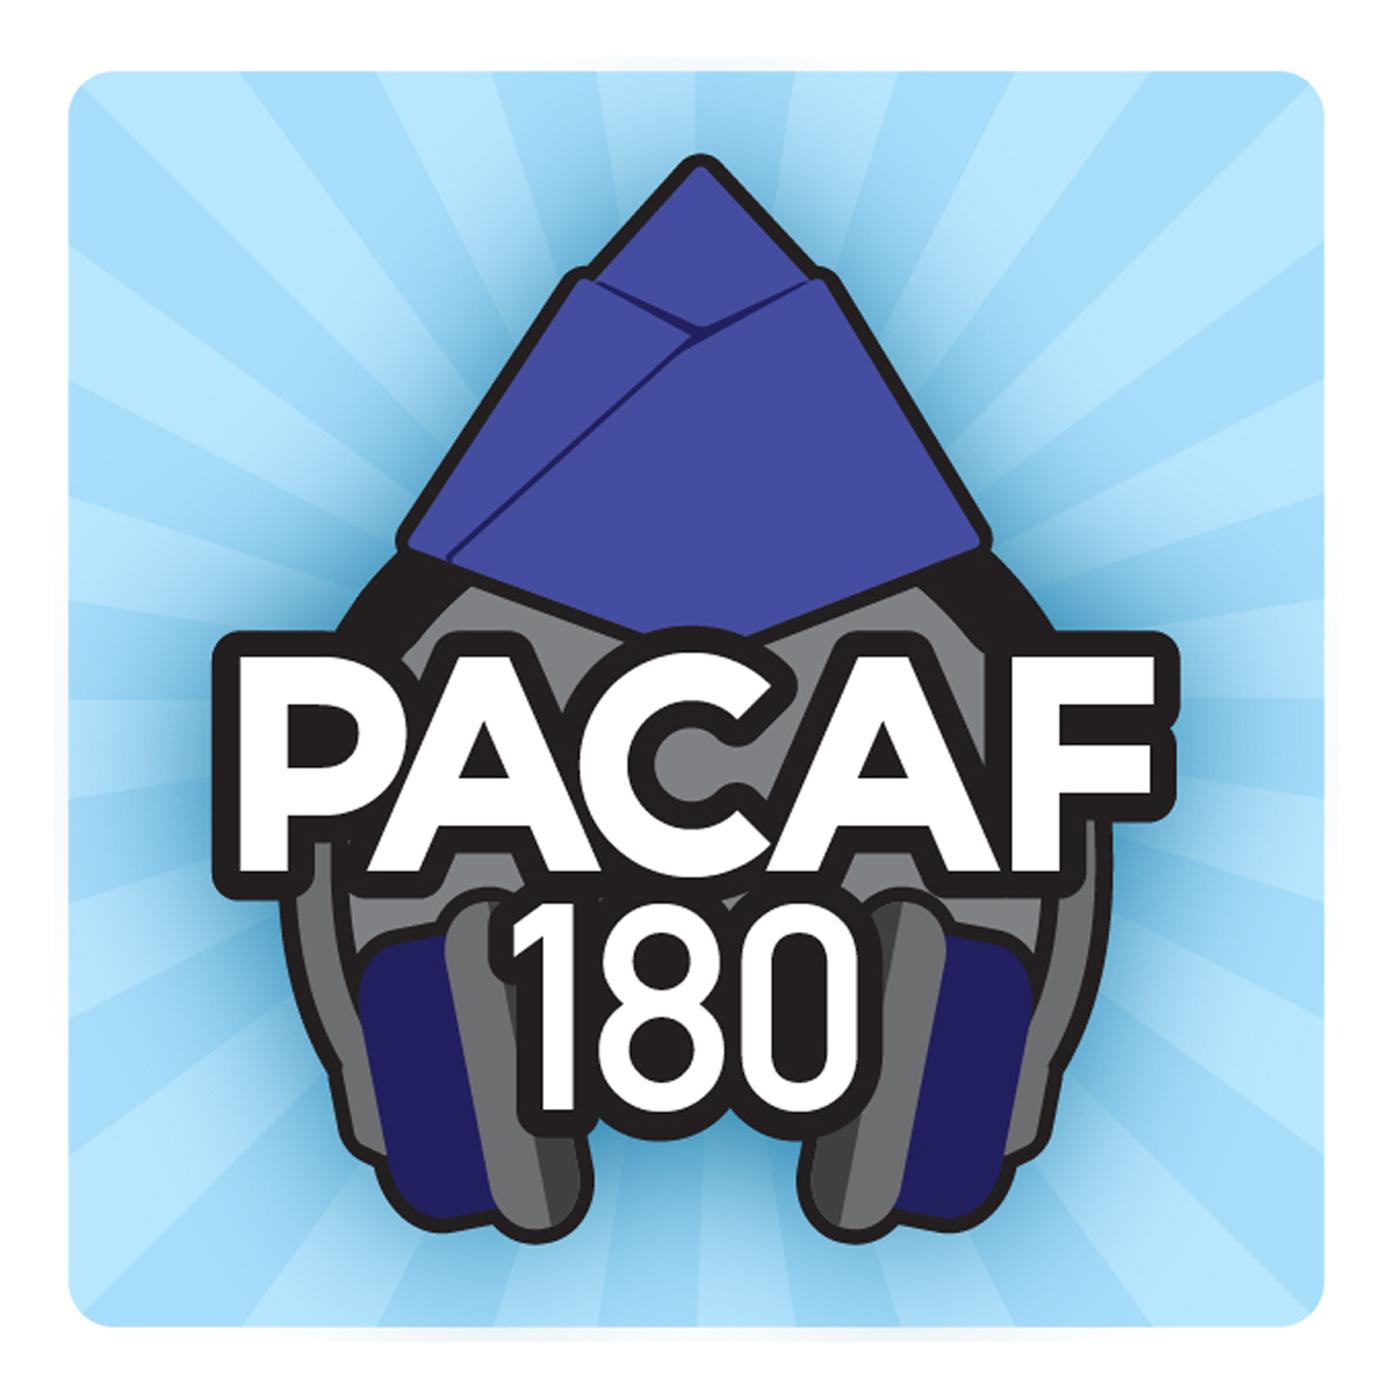 PACAF 180